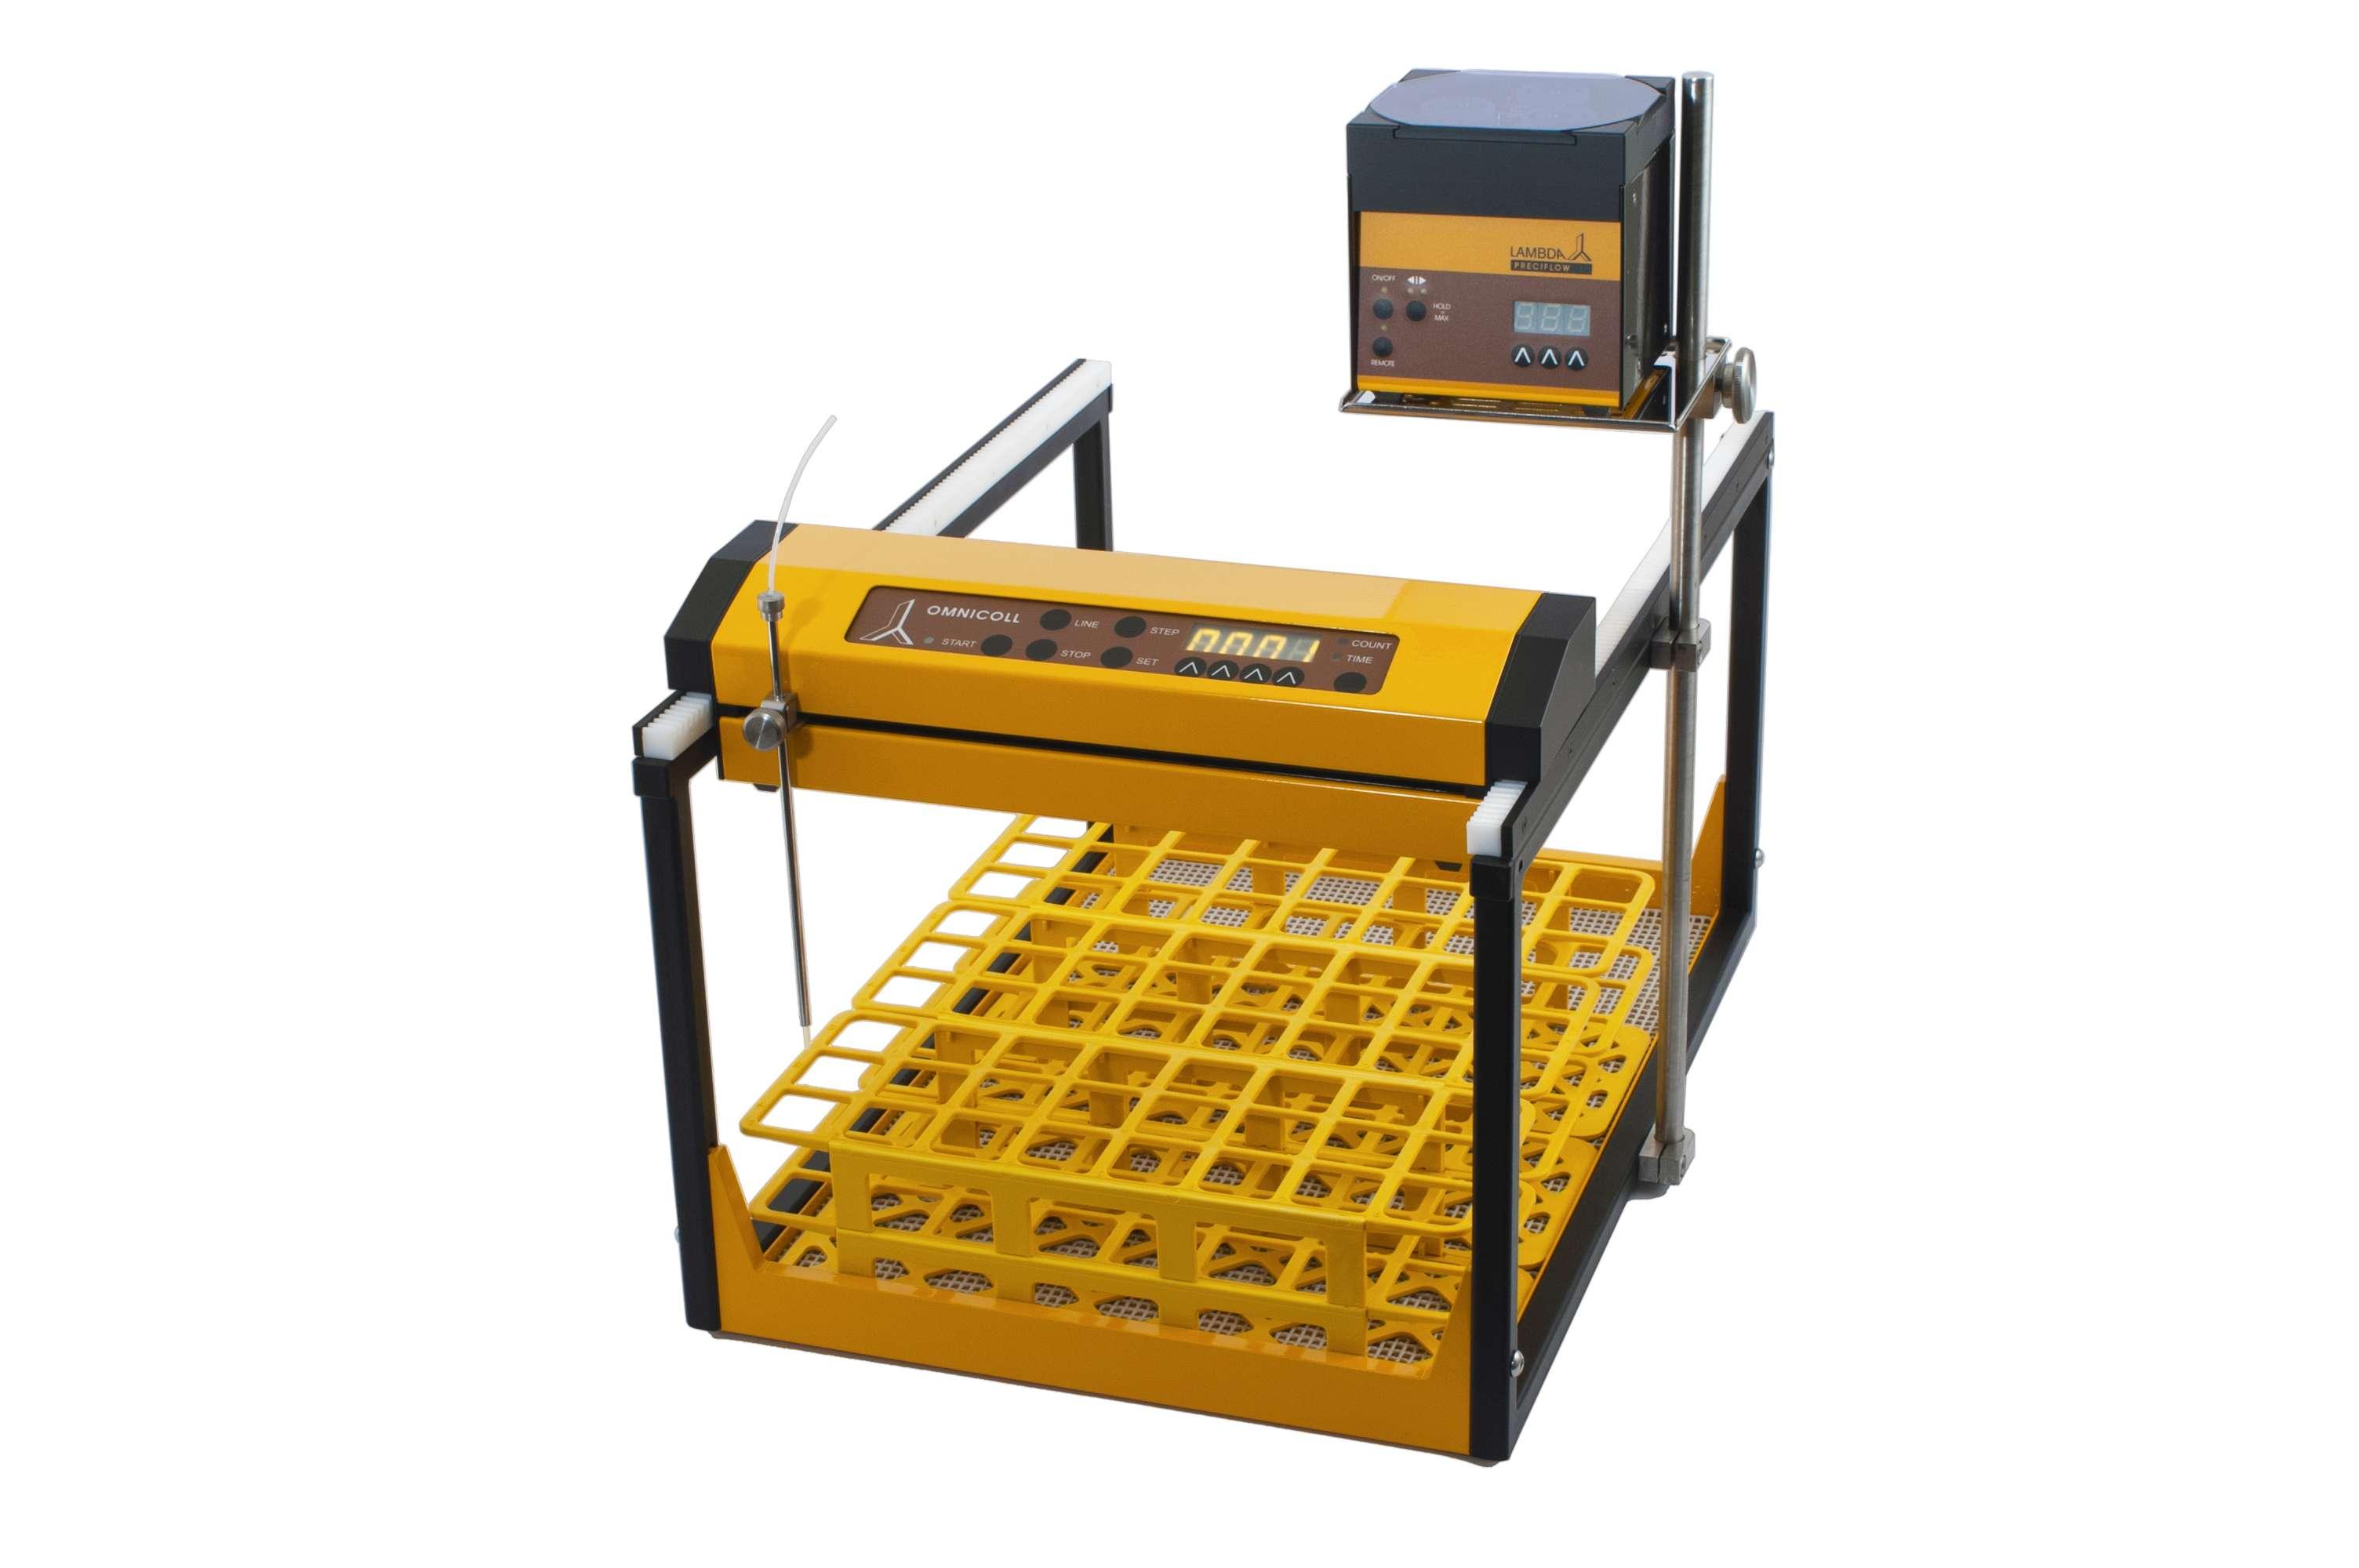 Échantillonneur: LAMBDA OMNICOLL avec pompe